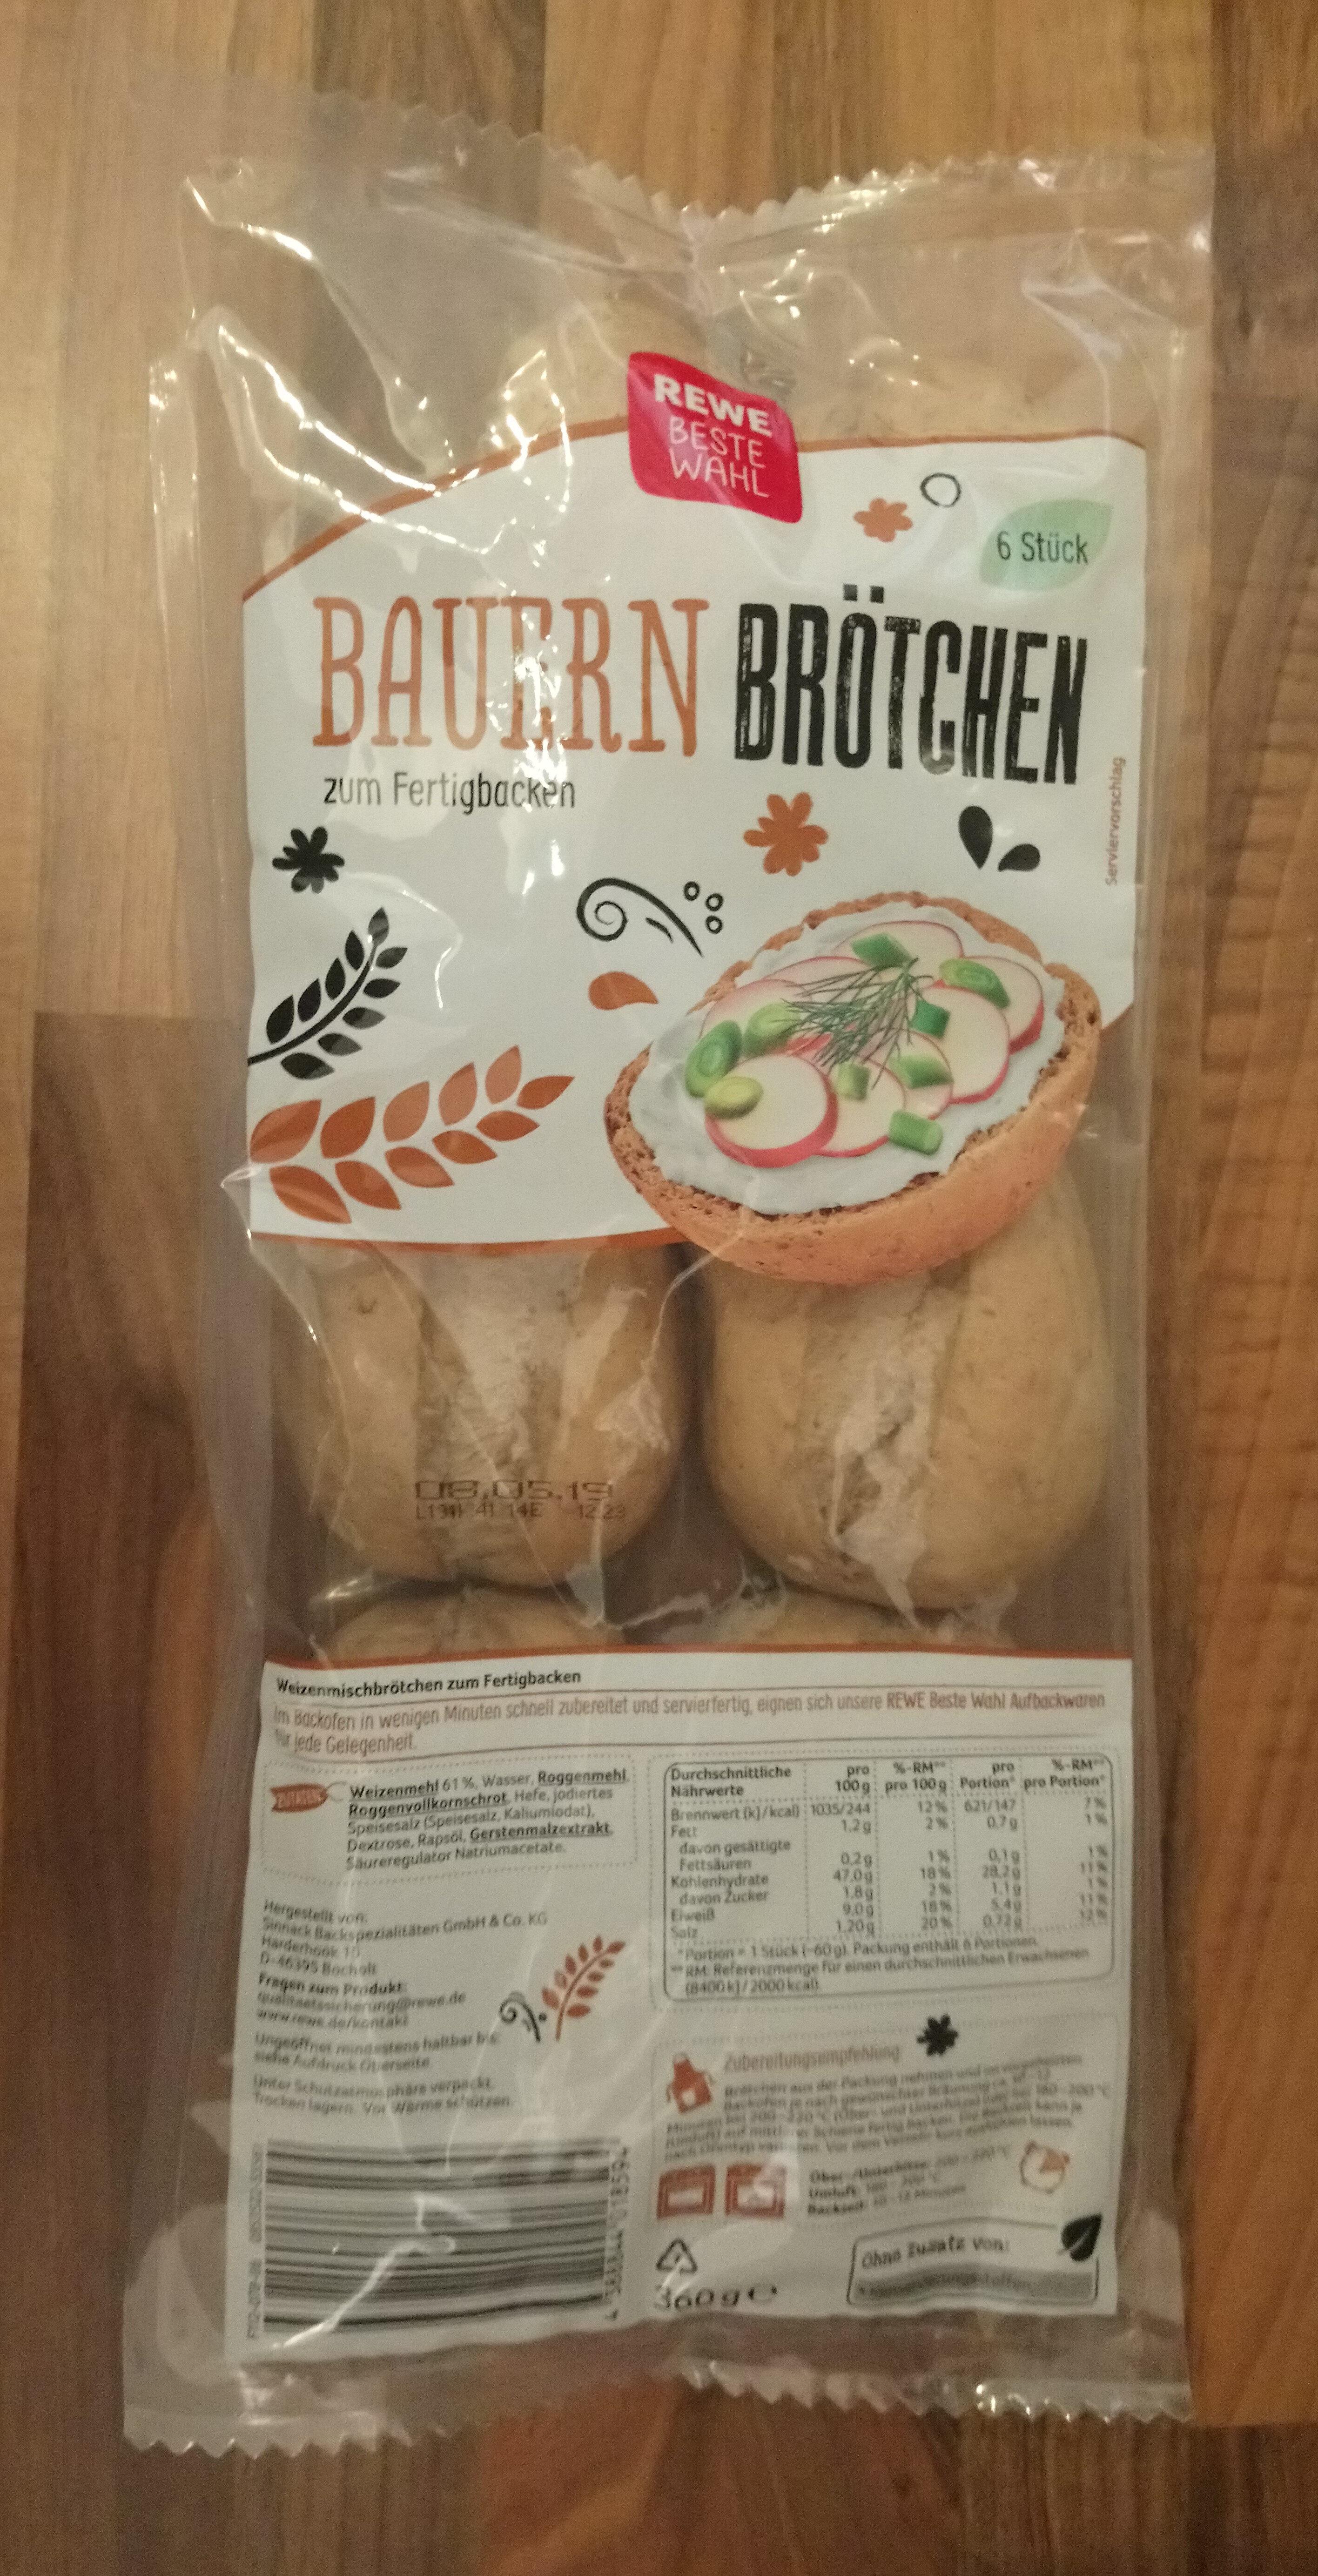 Bauern Brötchen - Produit - de